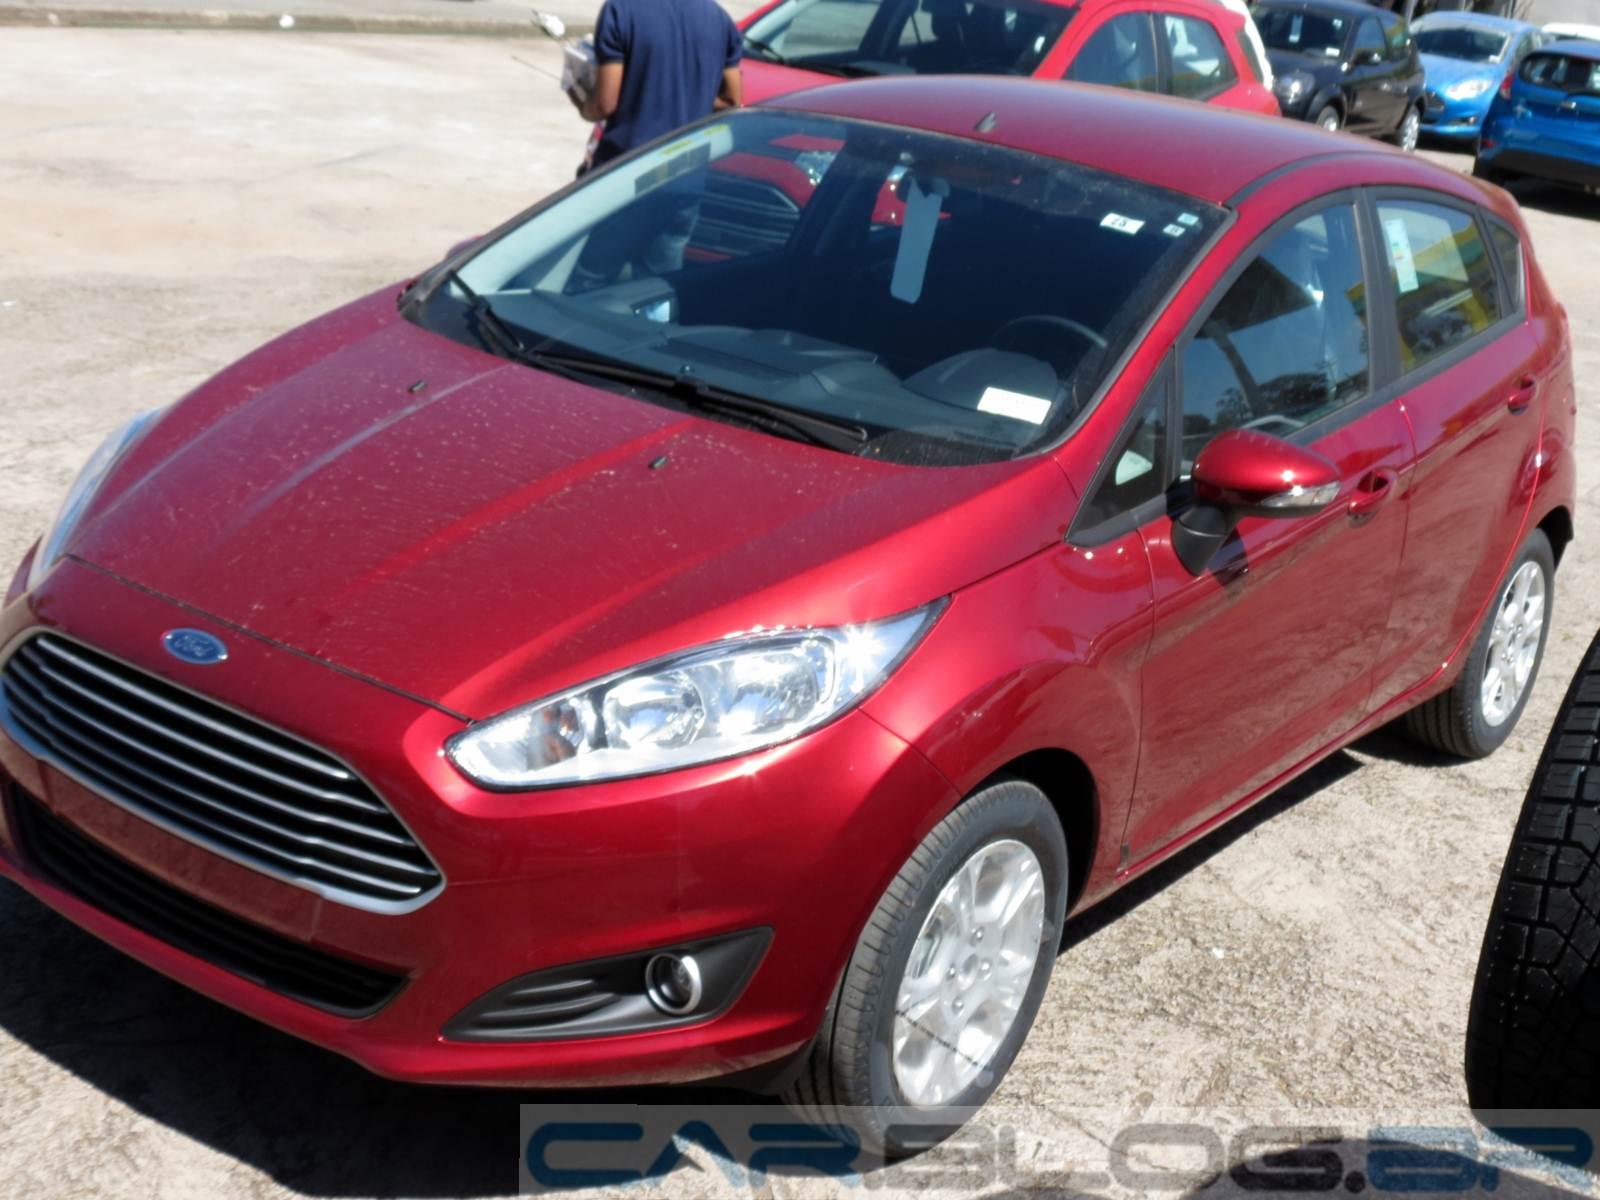 New Fiesta SE 1.6 Vermelho Metálico